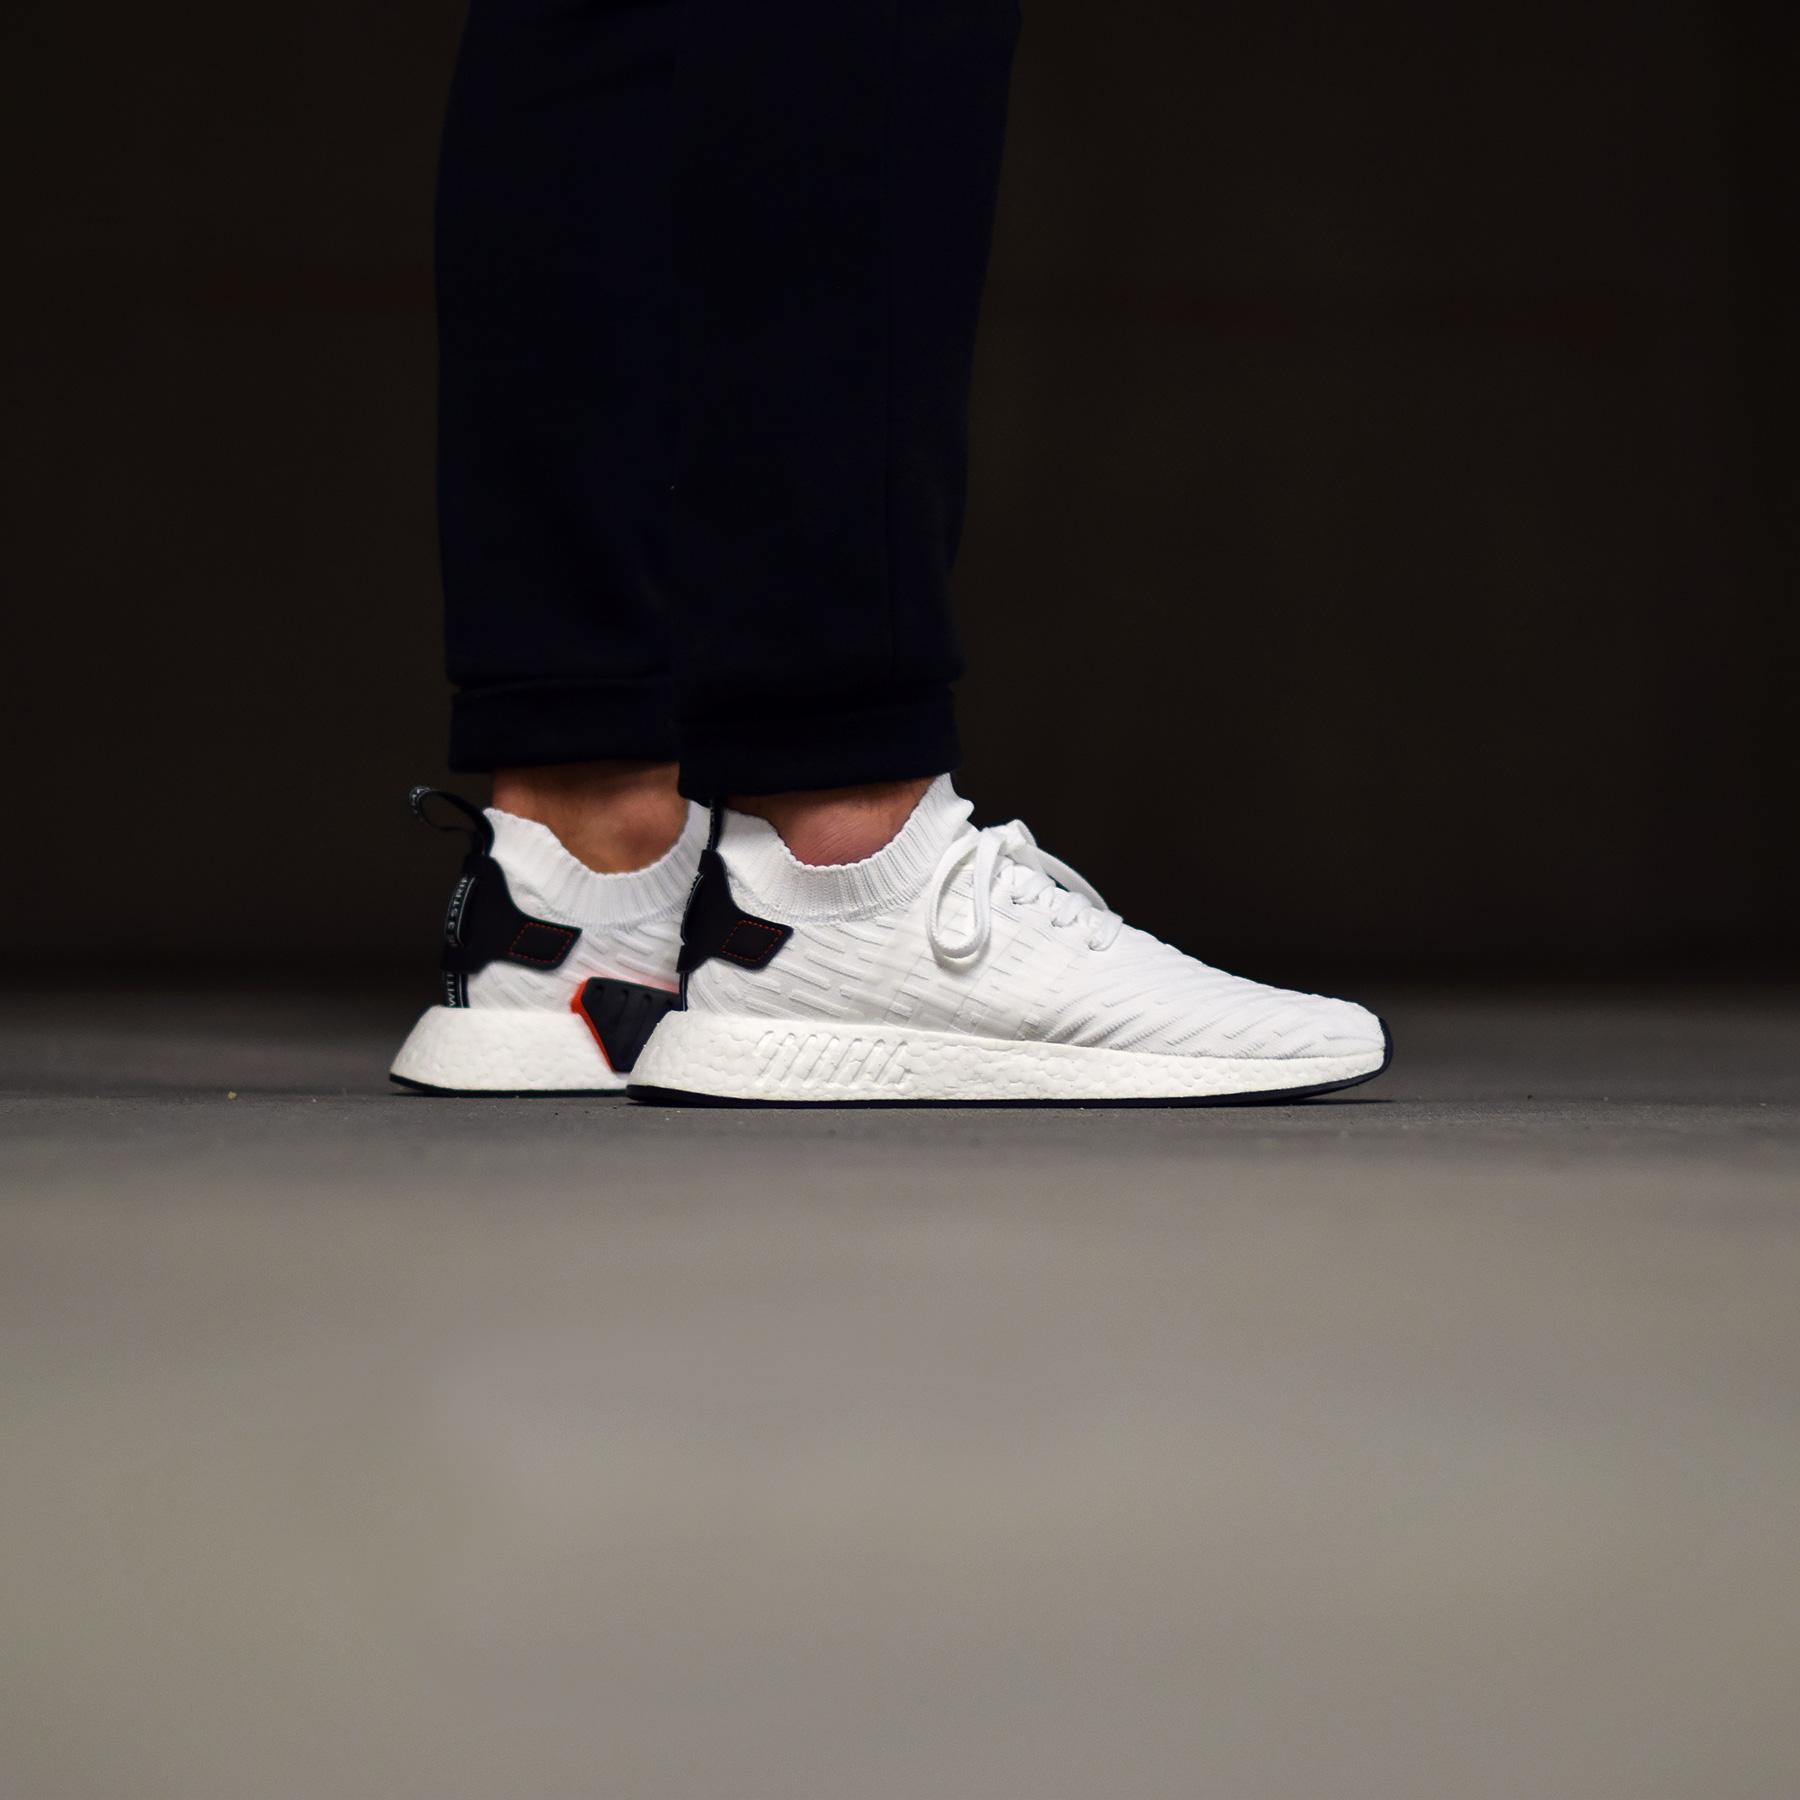 pretty nice f8e7b 9f418 adidas NMD R2 PK - White/Black/Red - Sneakers.fr